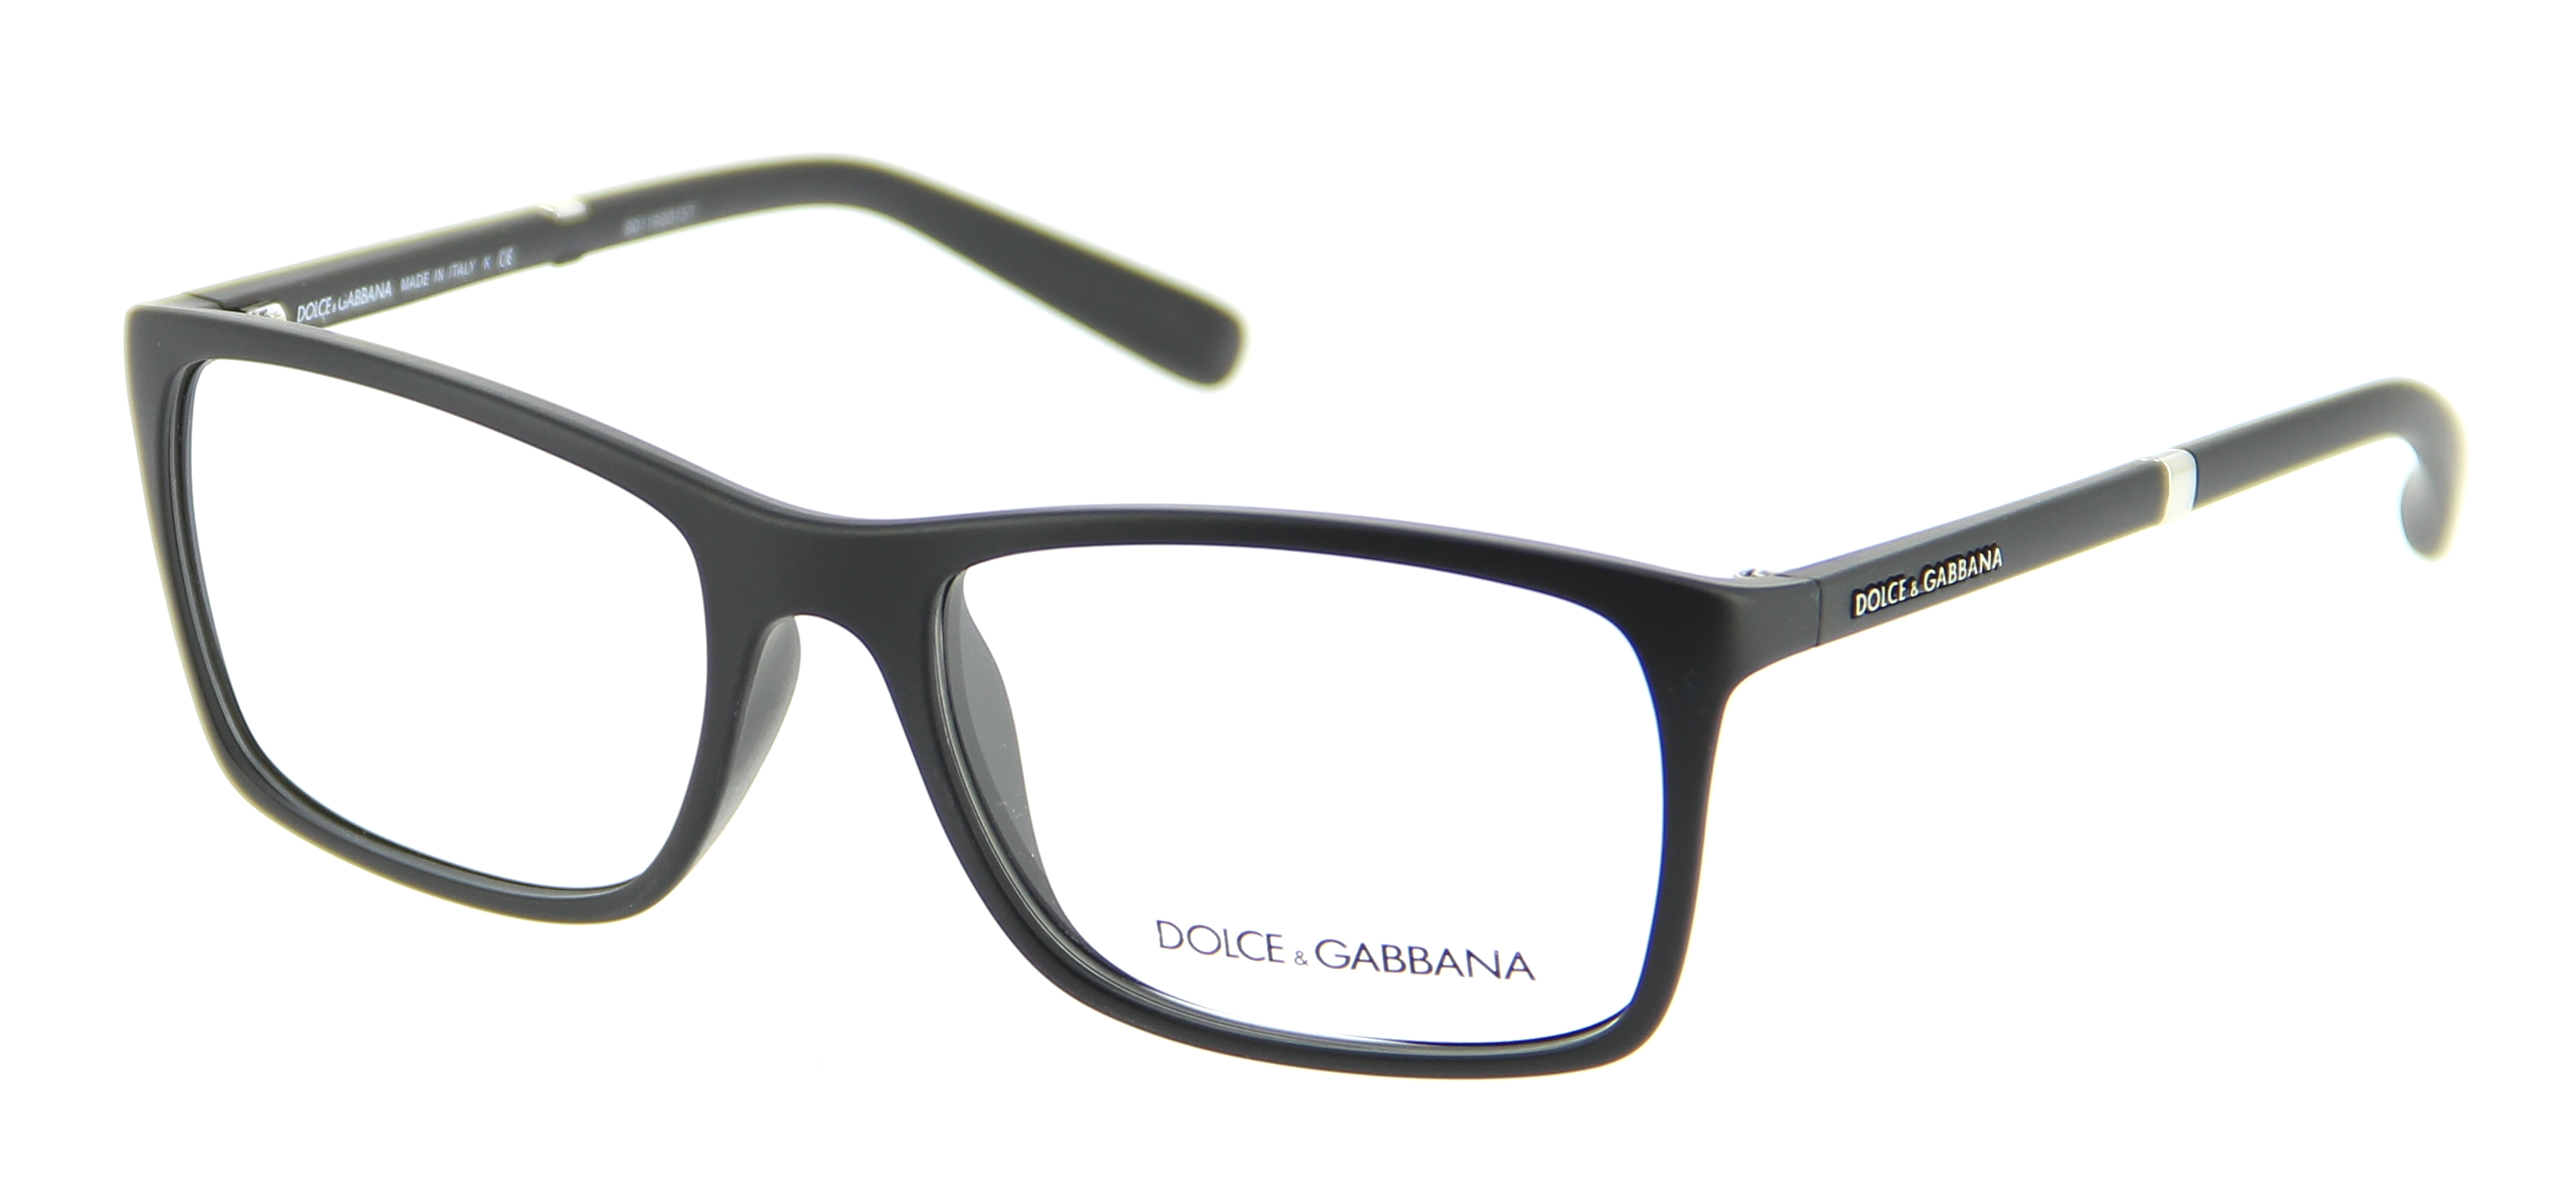 lunettes de vue dolce gabbana dg 5004 2616 55 17 mixte noir rectangle cercl e tendance. Black Bedroom Furniture Sets. Home Design Ideas